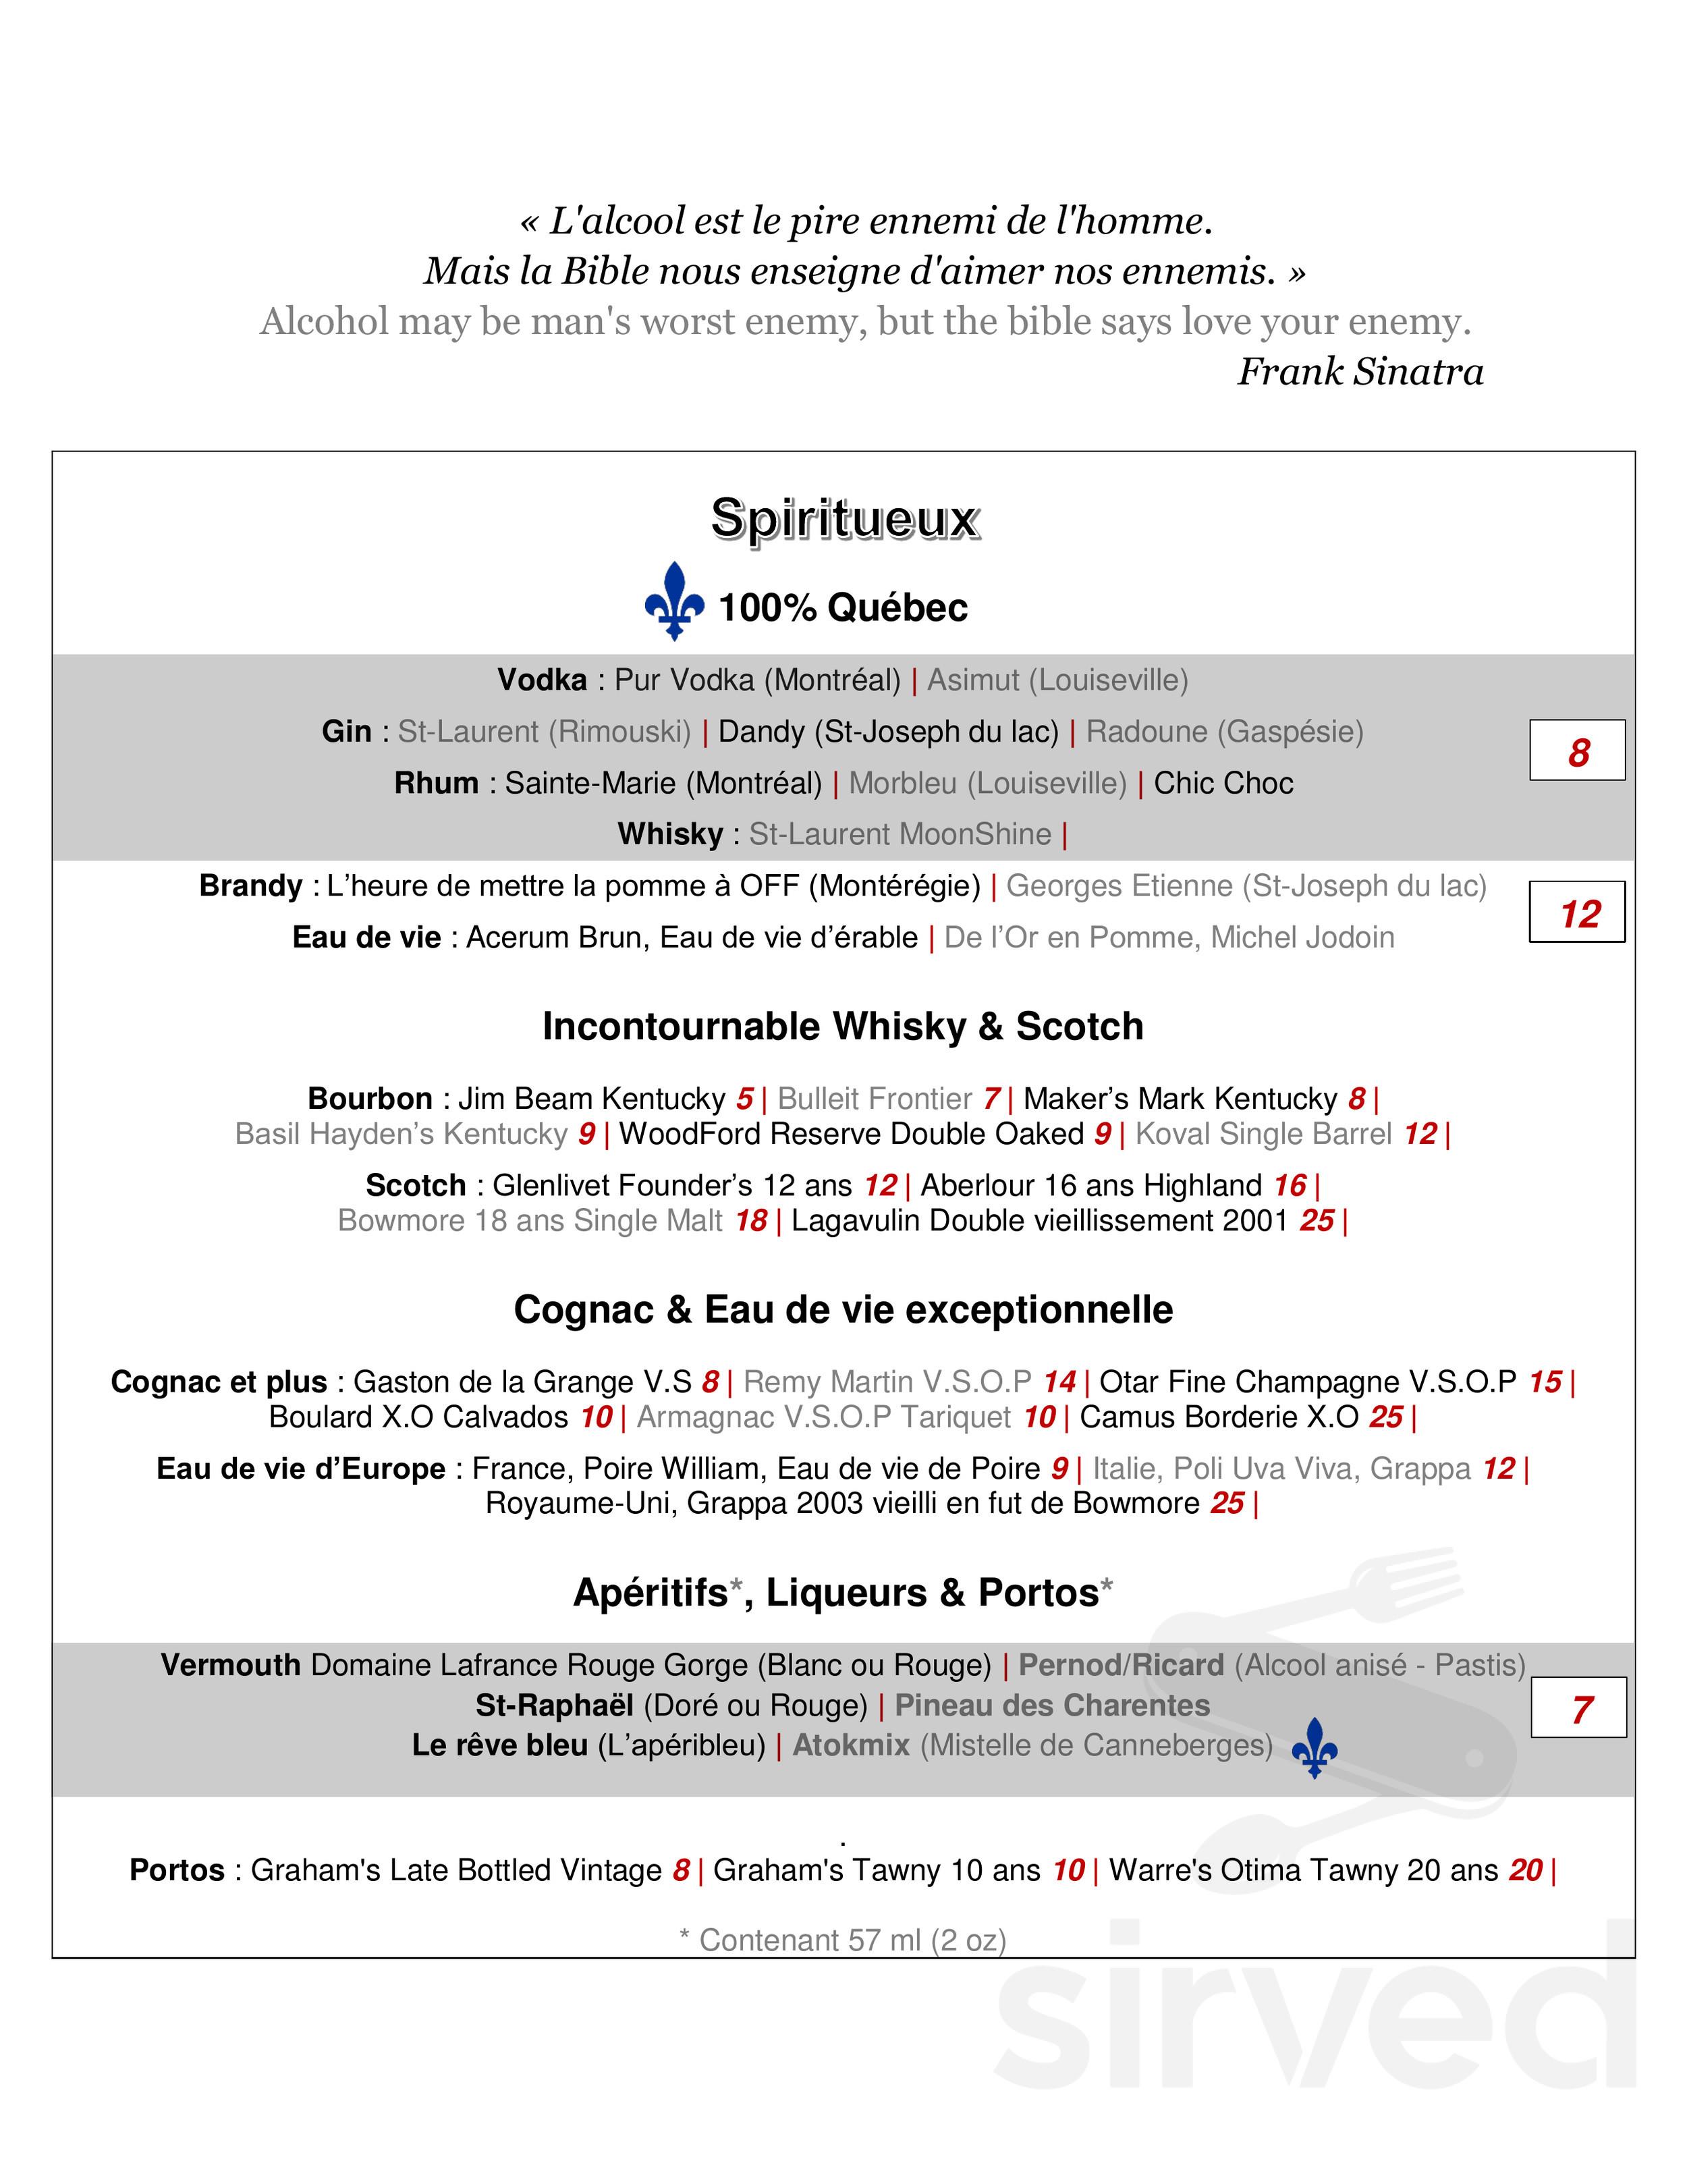 La Poste Le Poiré Sur Vie resto-bar le brasier 1908 menu in trois-rivières, quebec